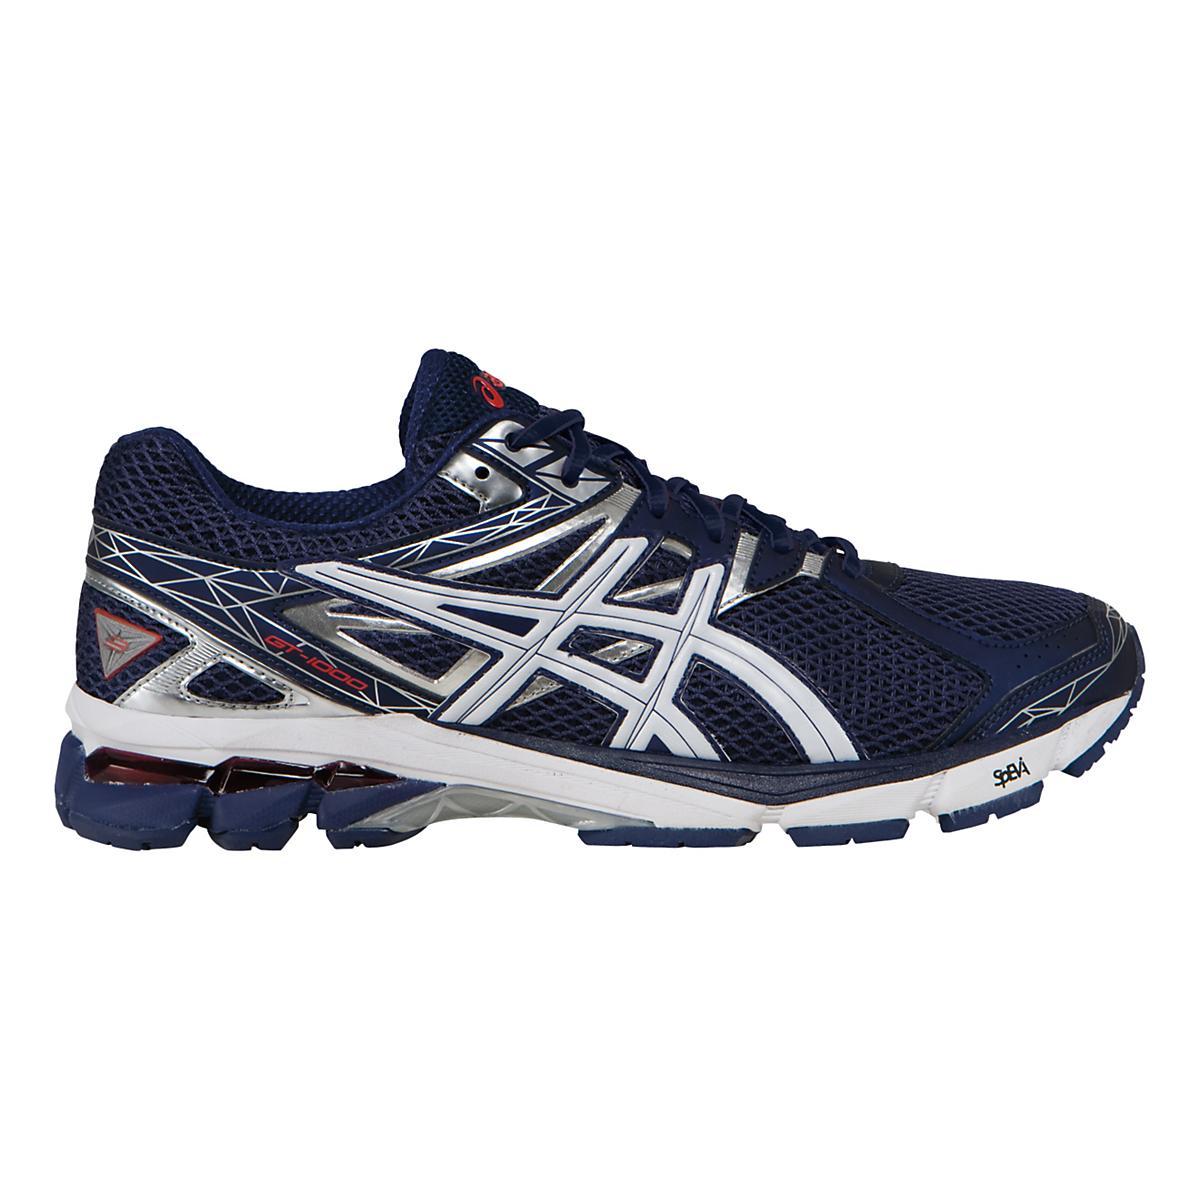 Mens ASICS GT-1000 3 Running Shoe at Road Runner Sports d12e4653a0